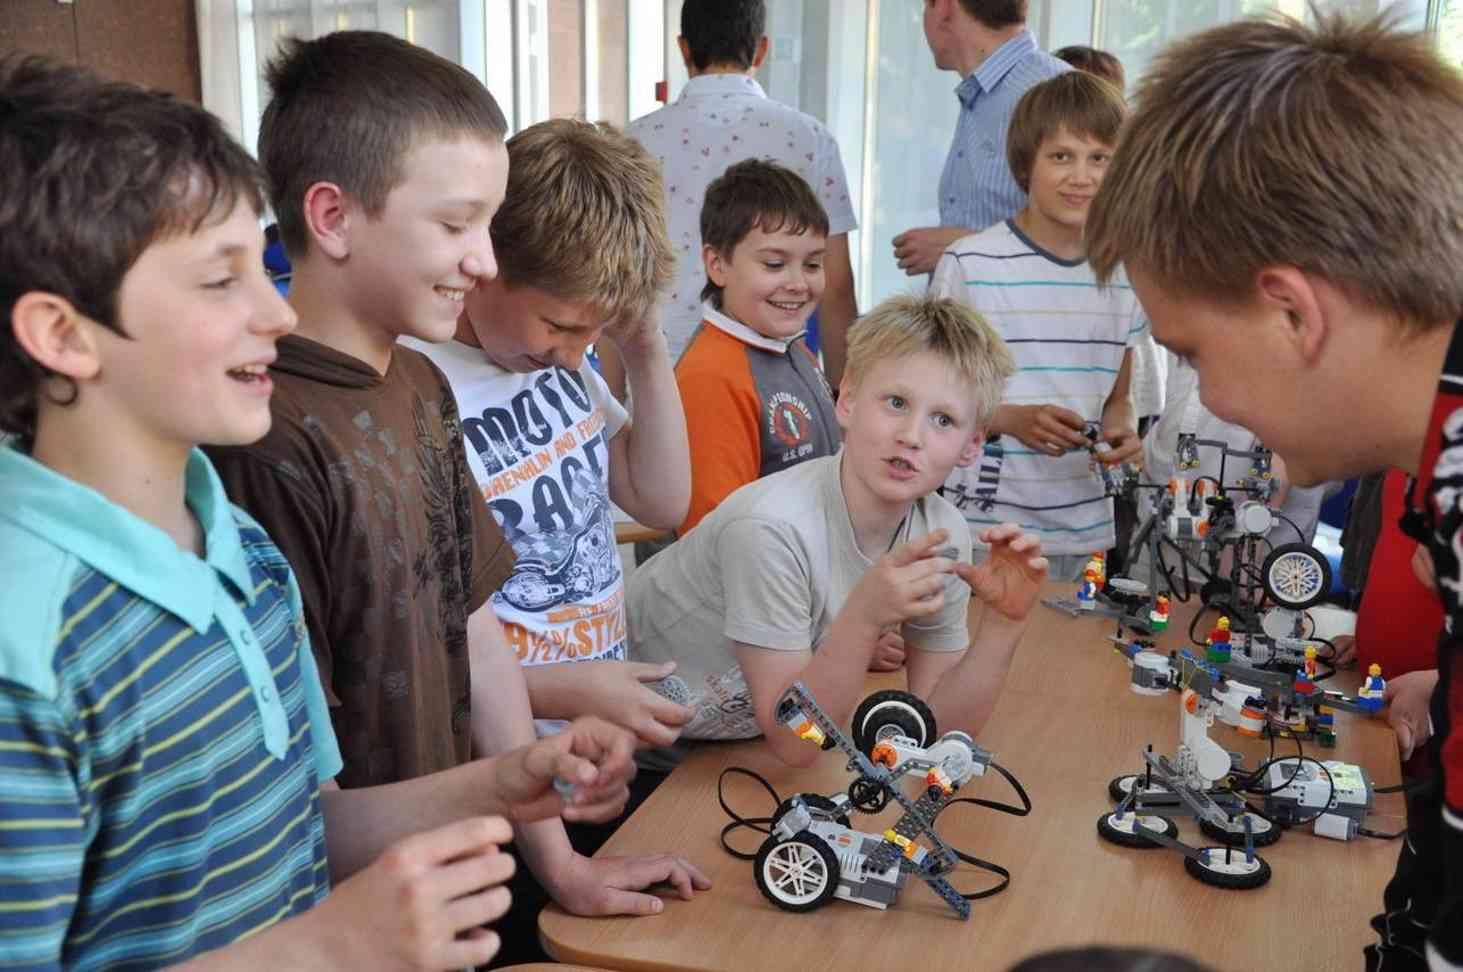 v-detskih-sadah-namereny-vvesti-zanyatiya-po-robototehnike